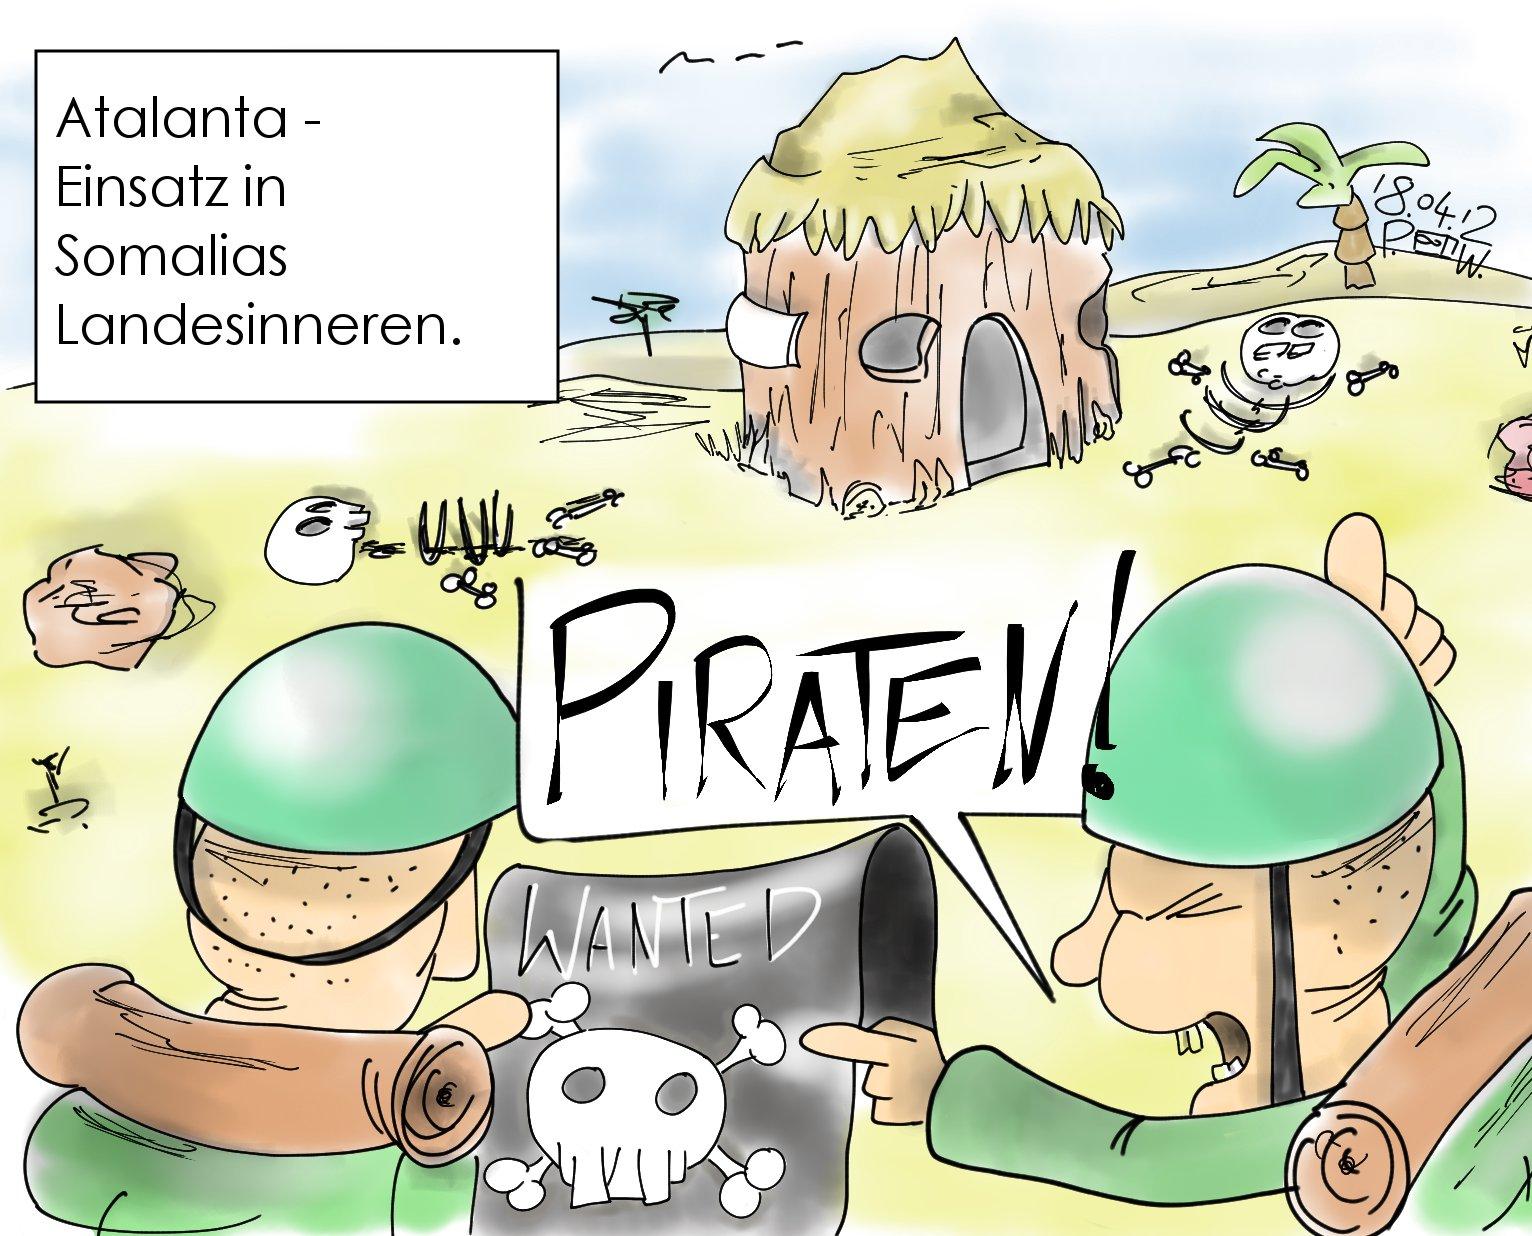 Karikatur / Zwei Bundeswehrsoldaten sehen ein Skelett. Sie rufen: Piraten